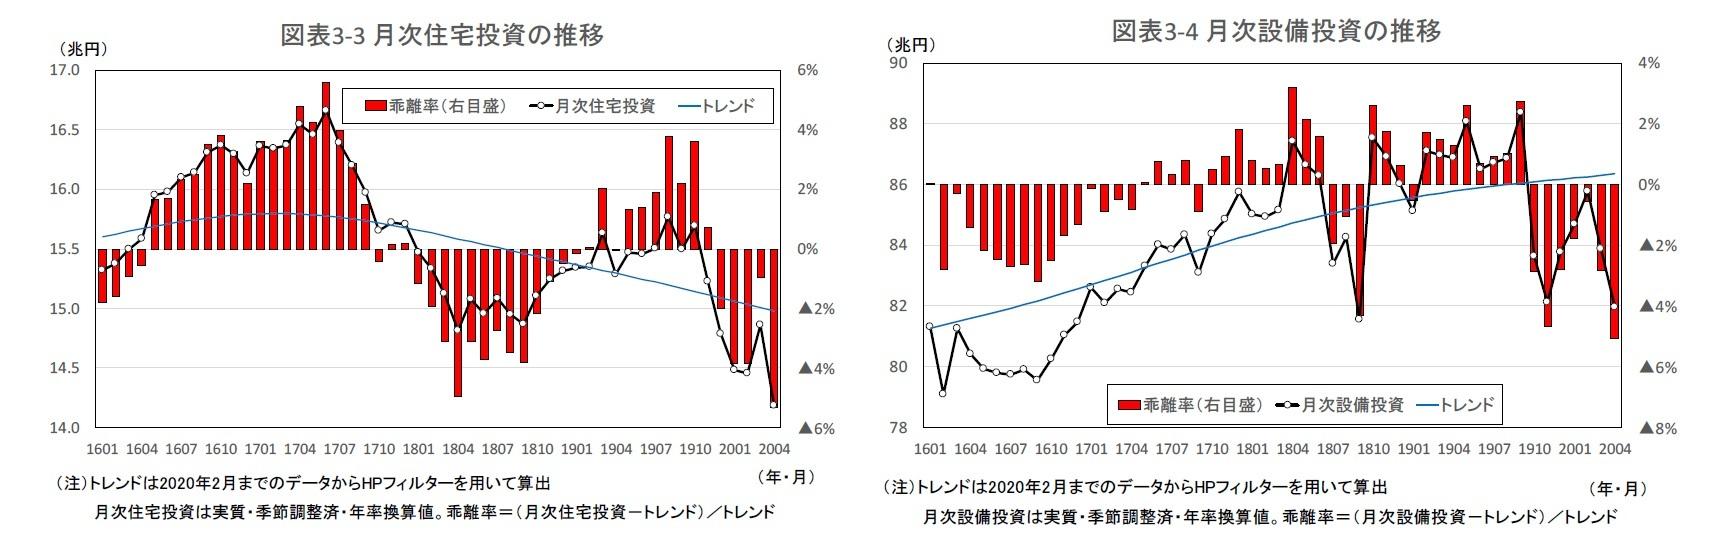 図表3-3 月次住宅投資の推移/図表3-4 月次設備投資の推移